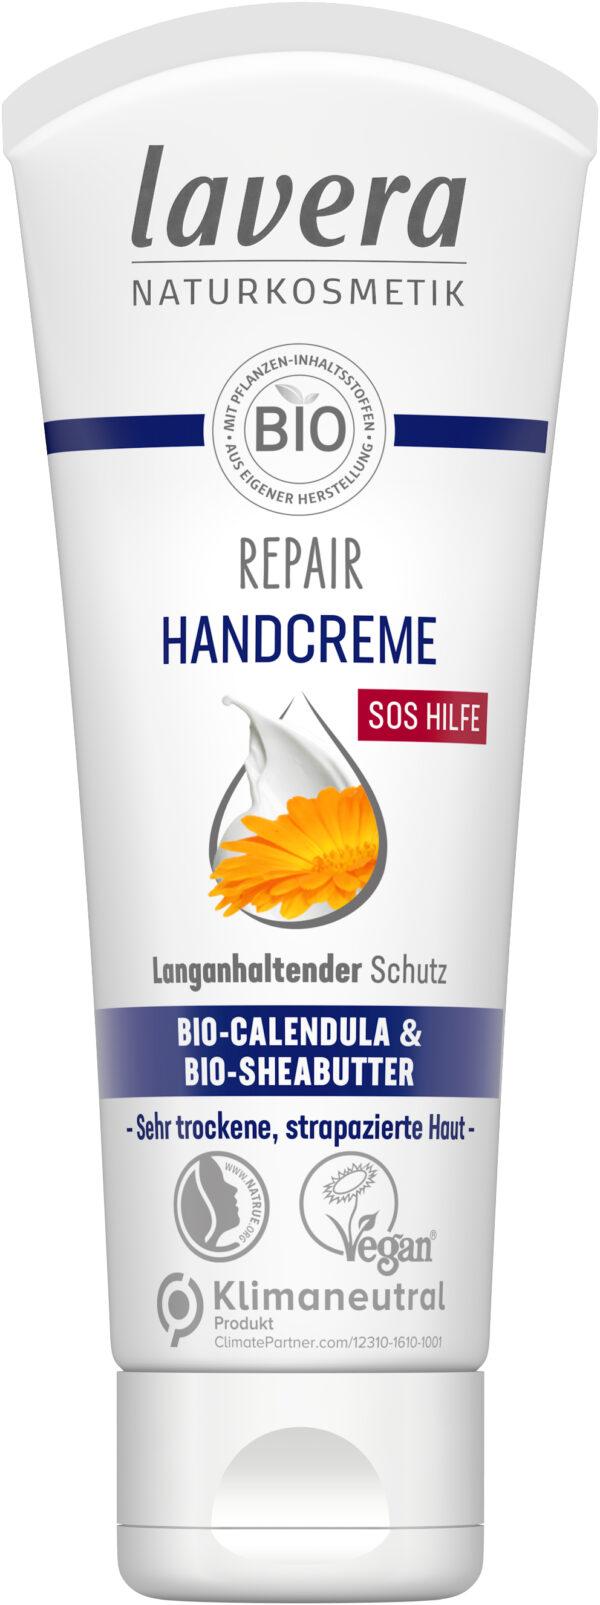 lavera Repair Handcreme 4x75ml